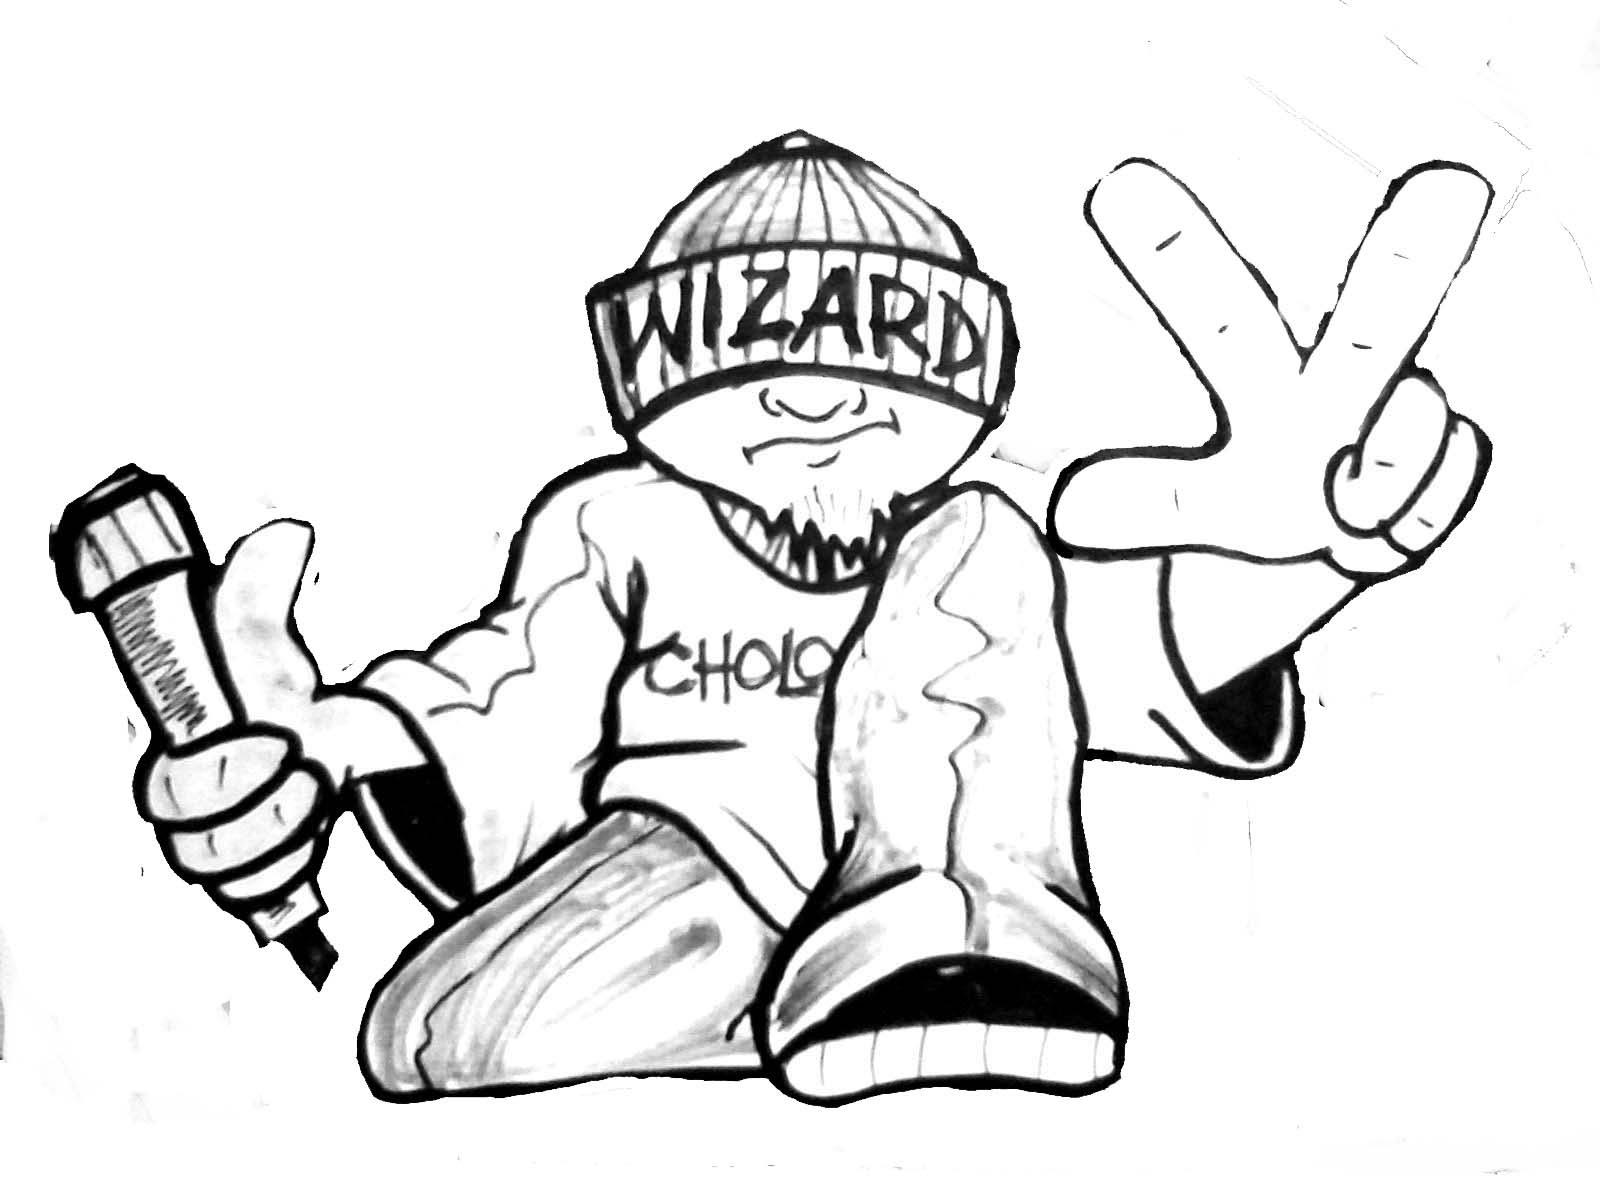 1600x1200 Wizard Draw Graffiti Draw Graffiti Characters Wizard Drawing